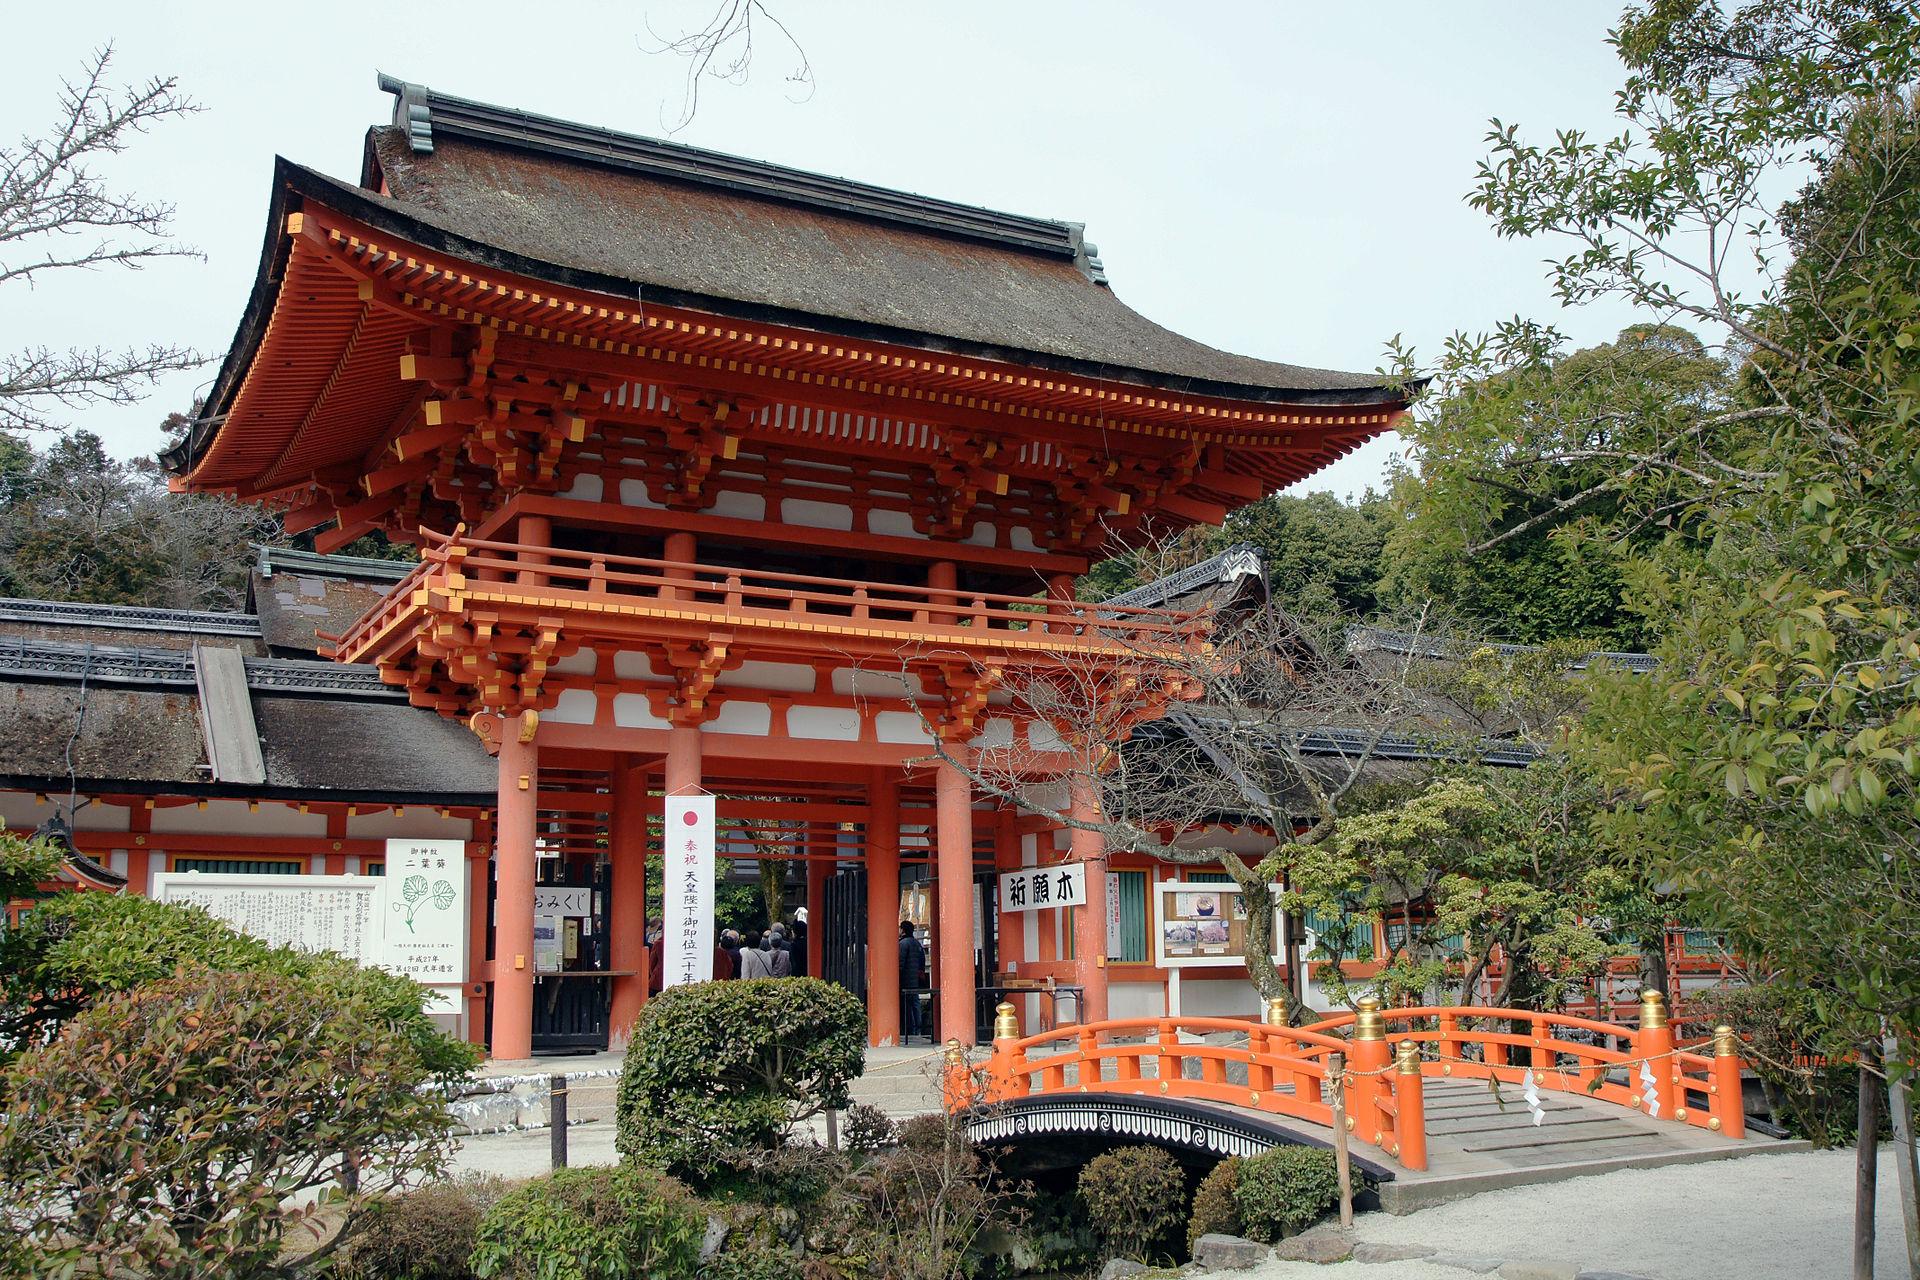 Kamo-wakeikazuchi-jinja18n4272.jpg